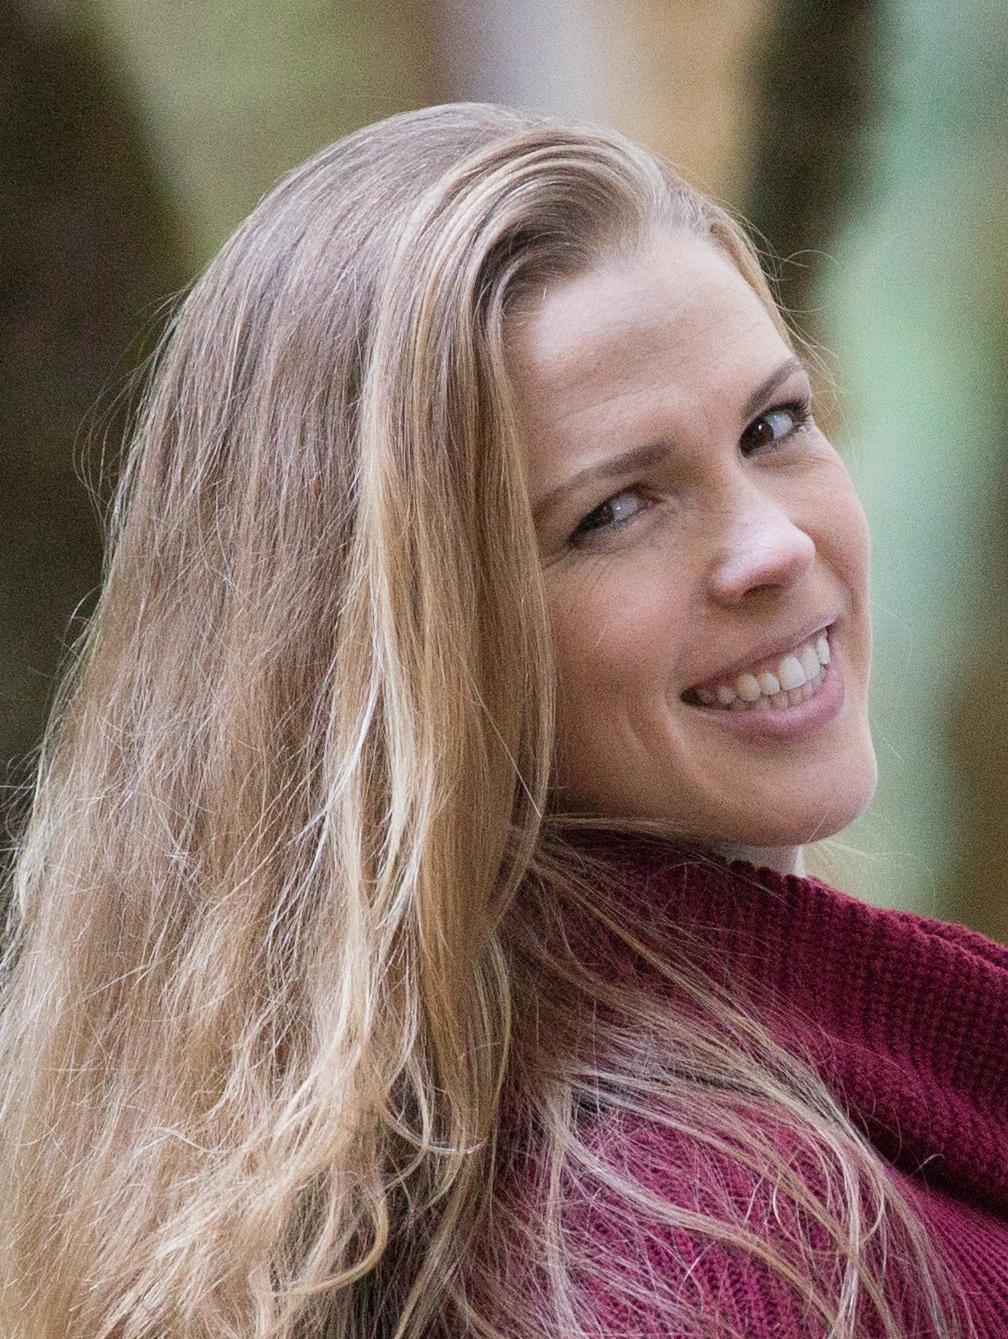 Megan A. Clancy